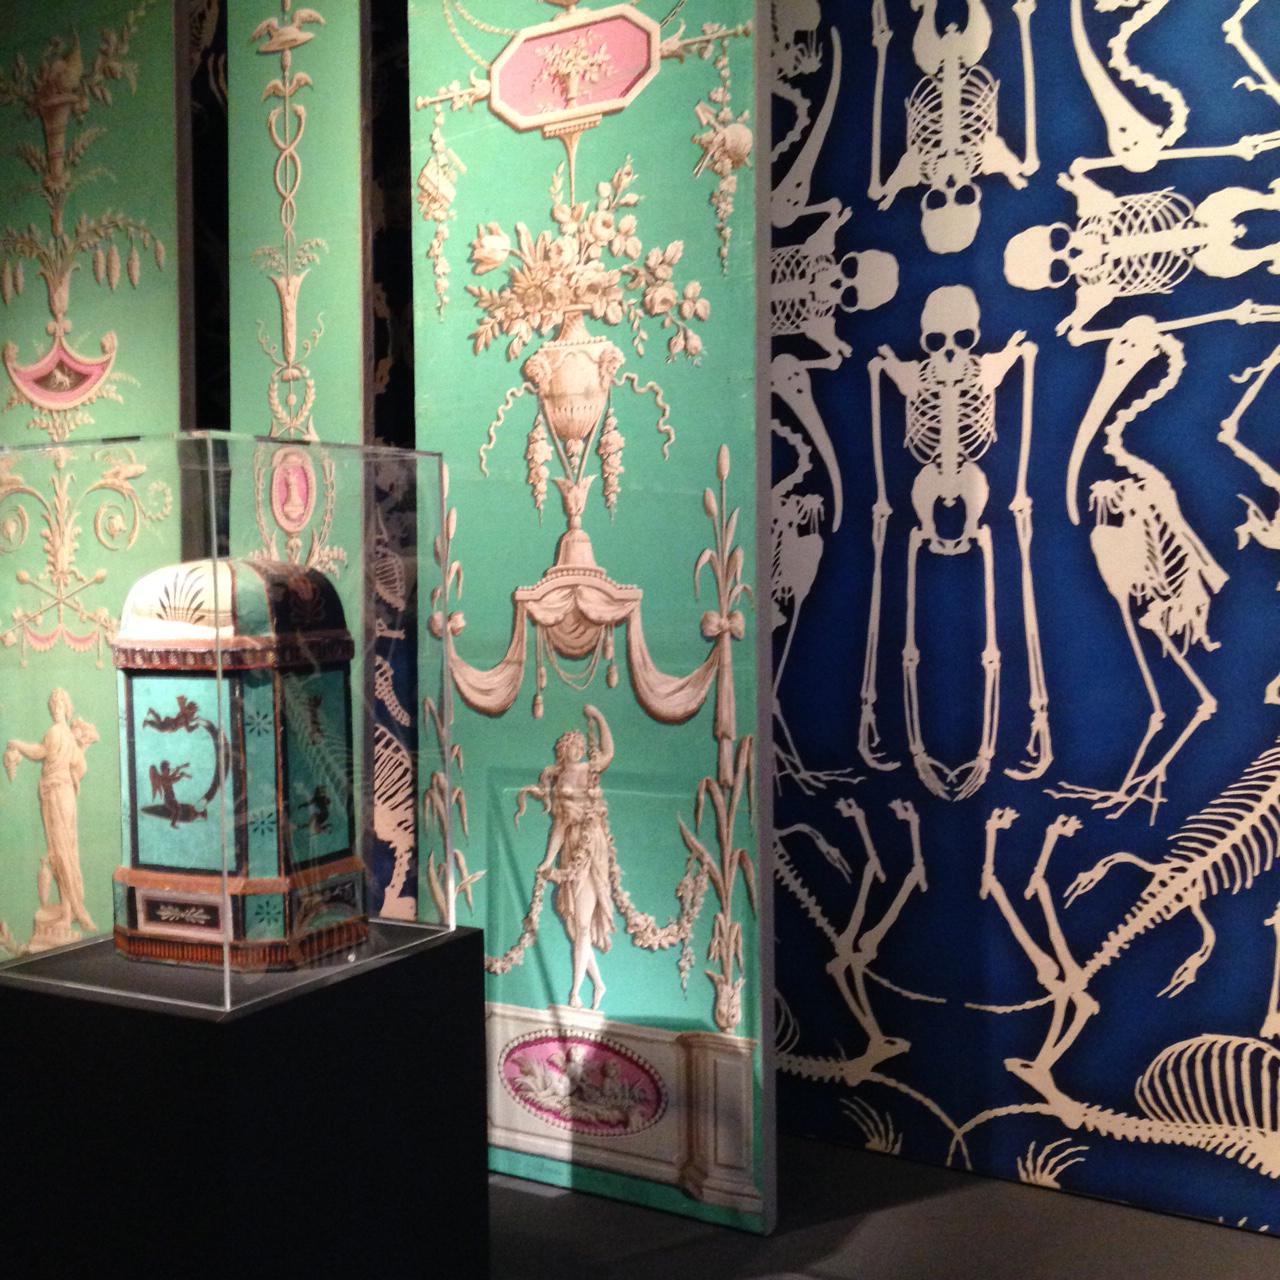 exposition faire le mur aux mus e des arts d coratifs. Black Bedroom Furniture Sets. Home Design Ideas